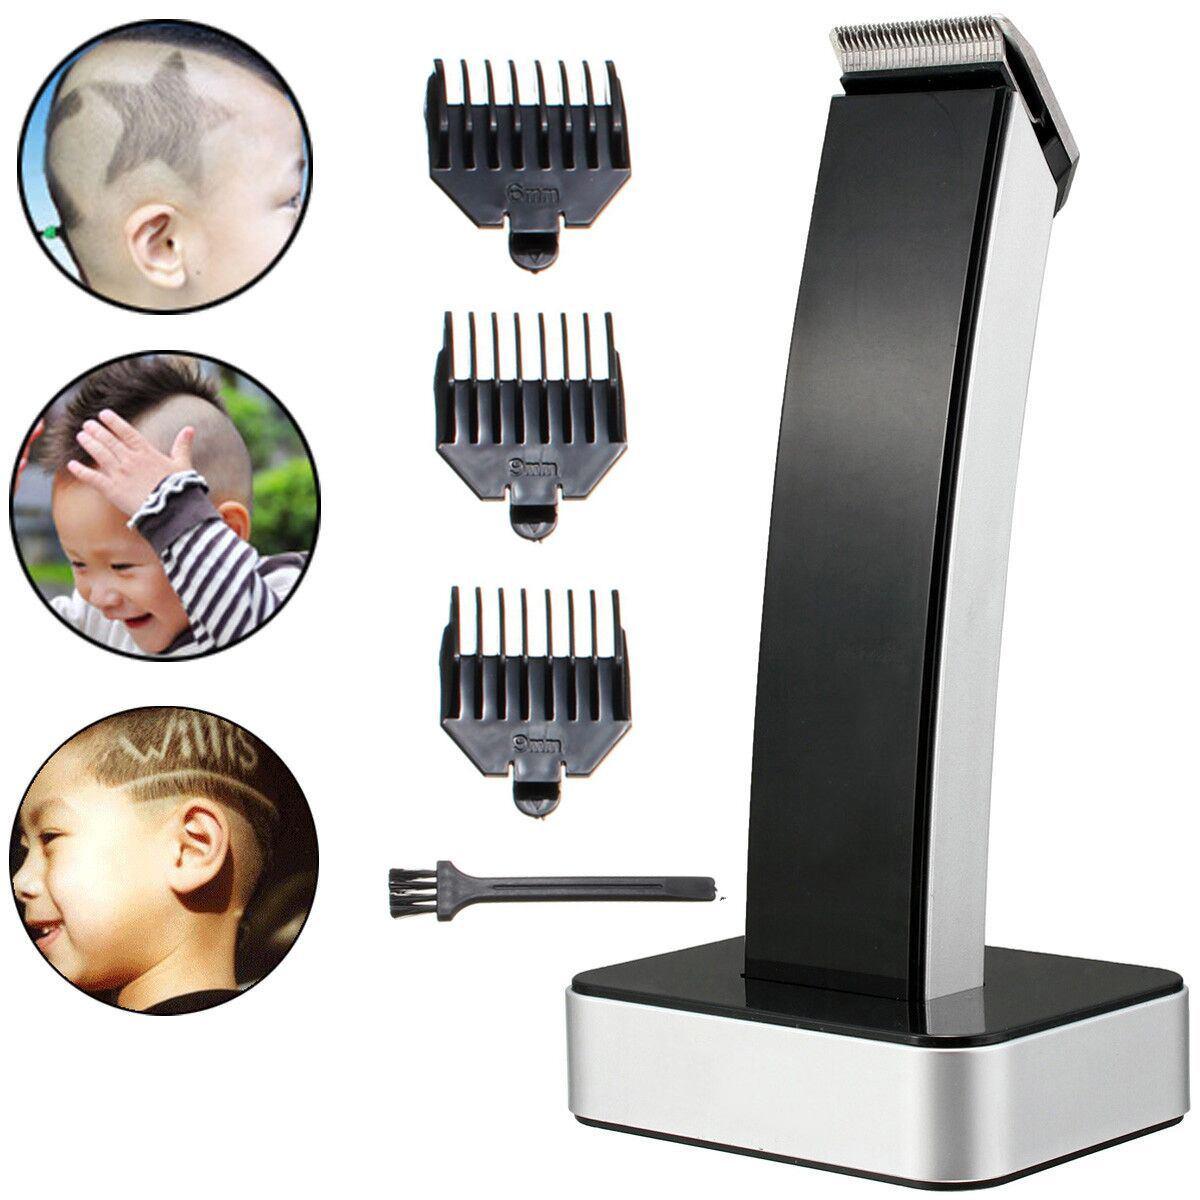 Cordless Electric Men's Hair Trimmer Rechargeable Hair Clipper Shaver Razor Beard Haircut Men Hair Cutting Machine